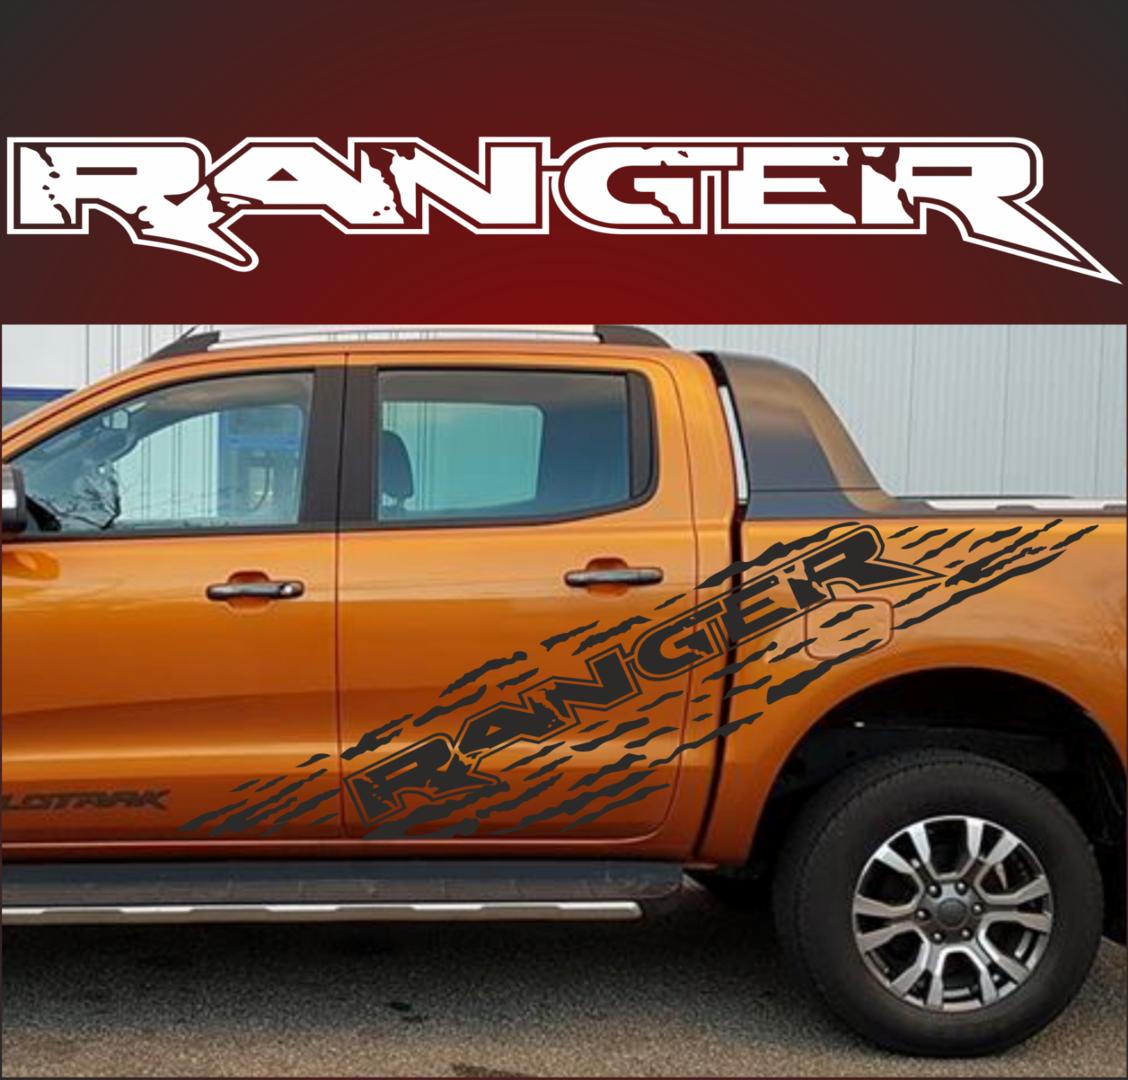 A1080 Ranger Aufkleber Set Passt Für Ford Ranger 4x4 Raptor Reifenspur Spritzer Dekor Beide Seiten